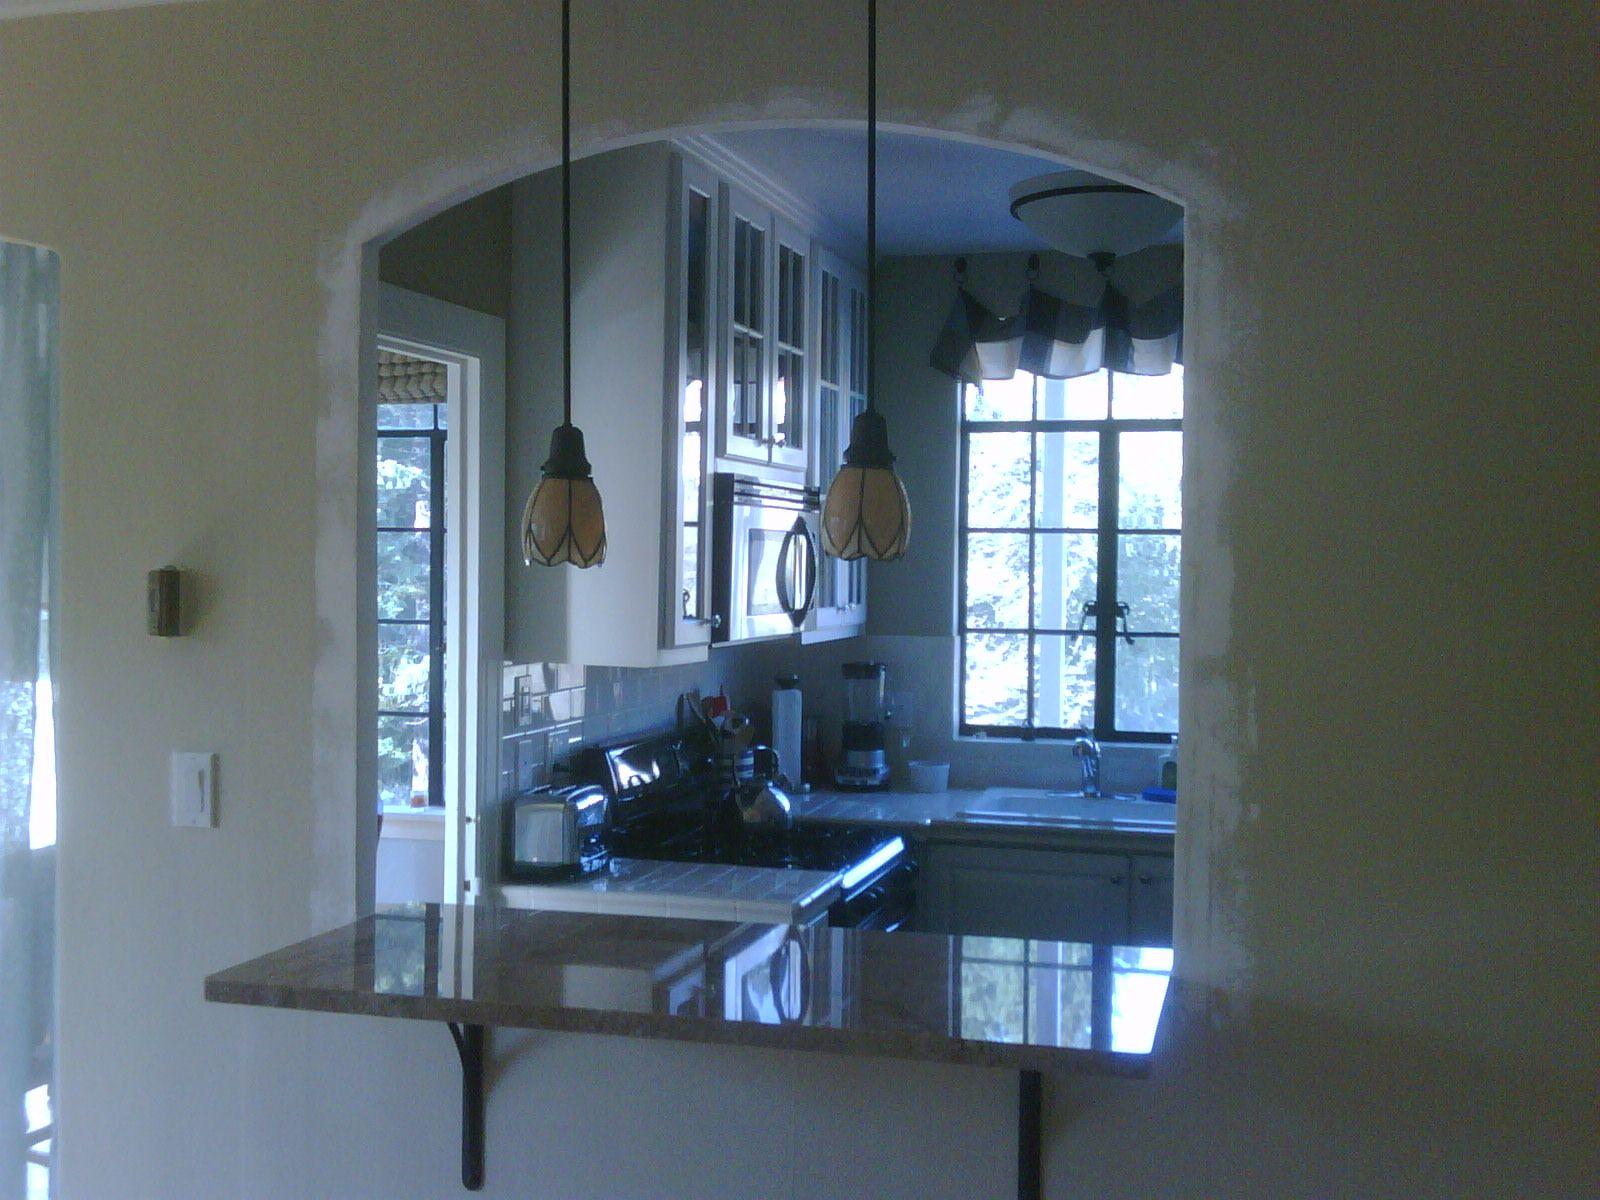 pass through kitchen window silverware with bar